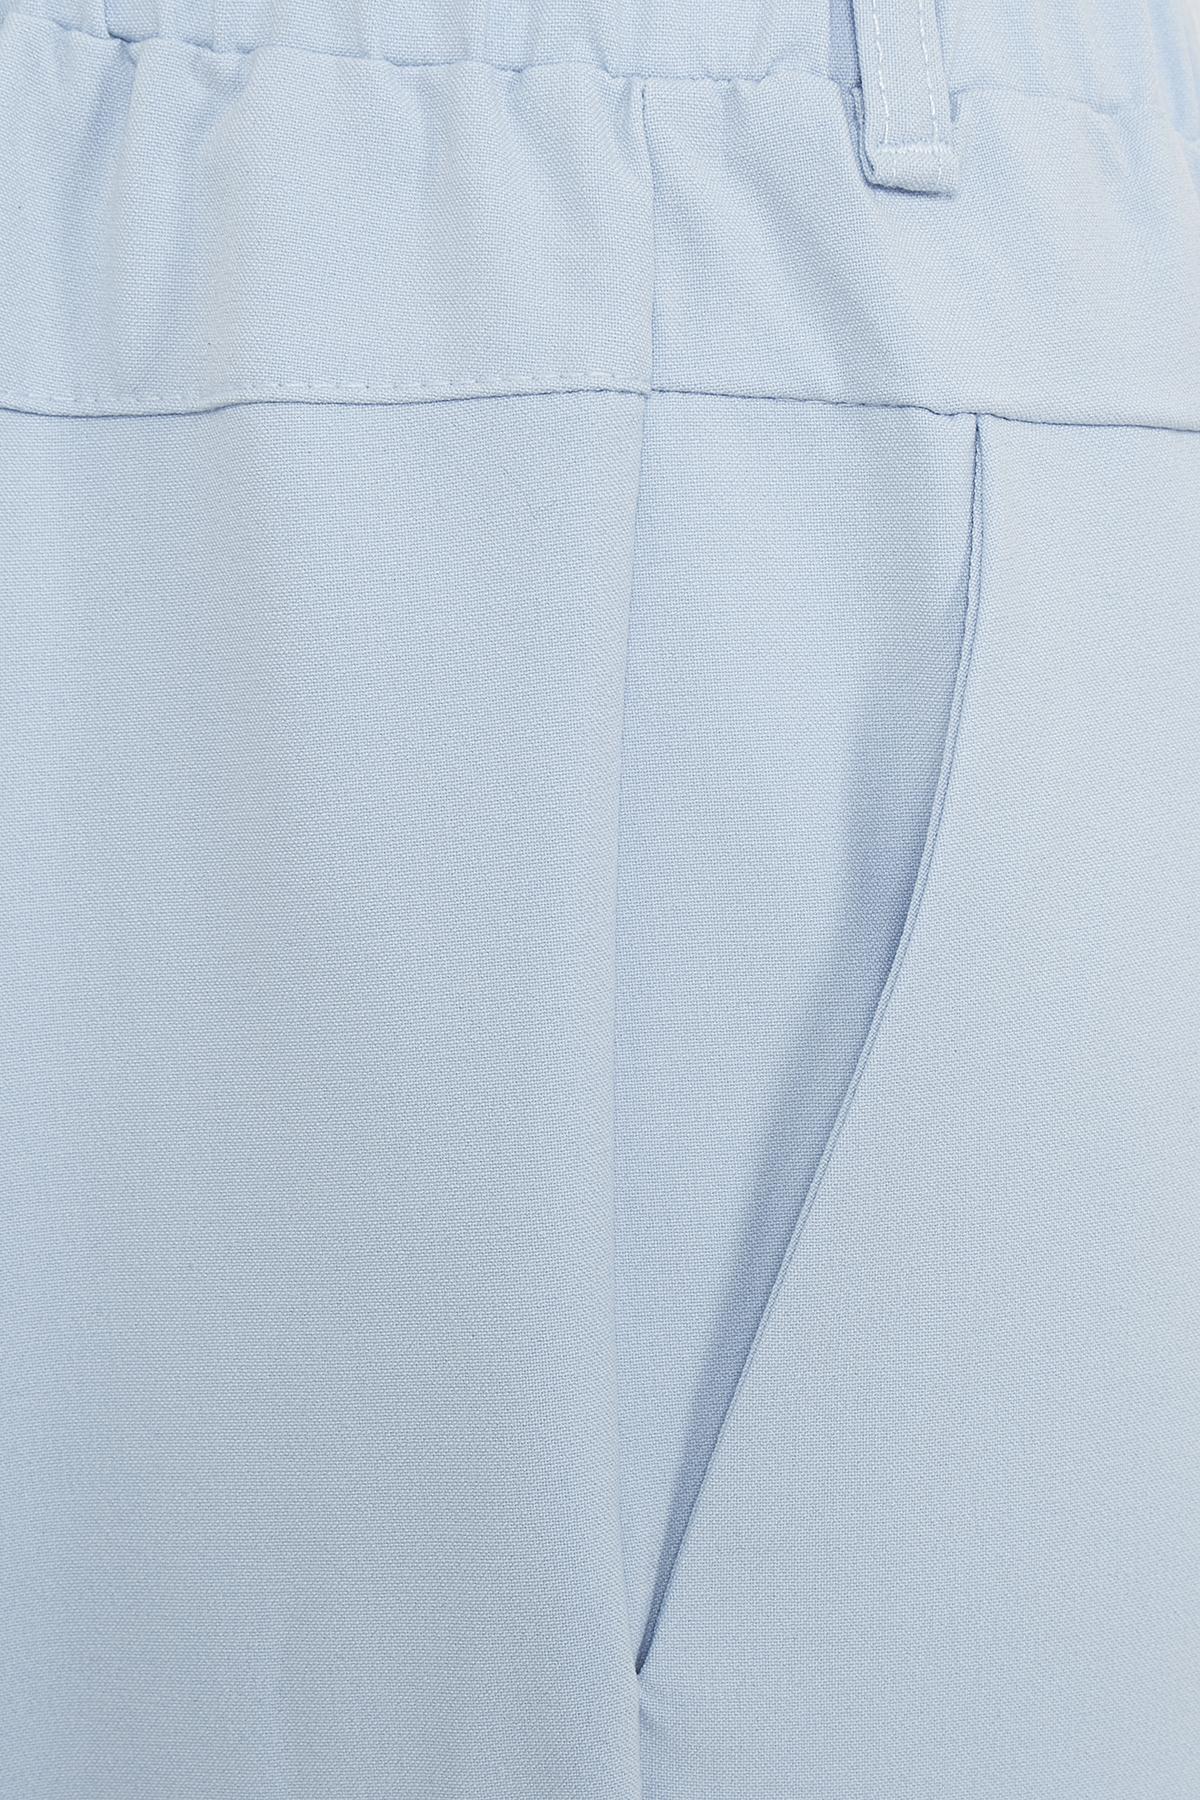 Blå Byxor från Kaffe – Köp Blå Byxor från stl. 32-46 här